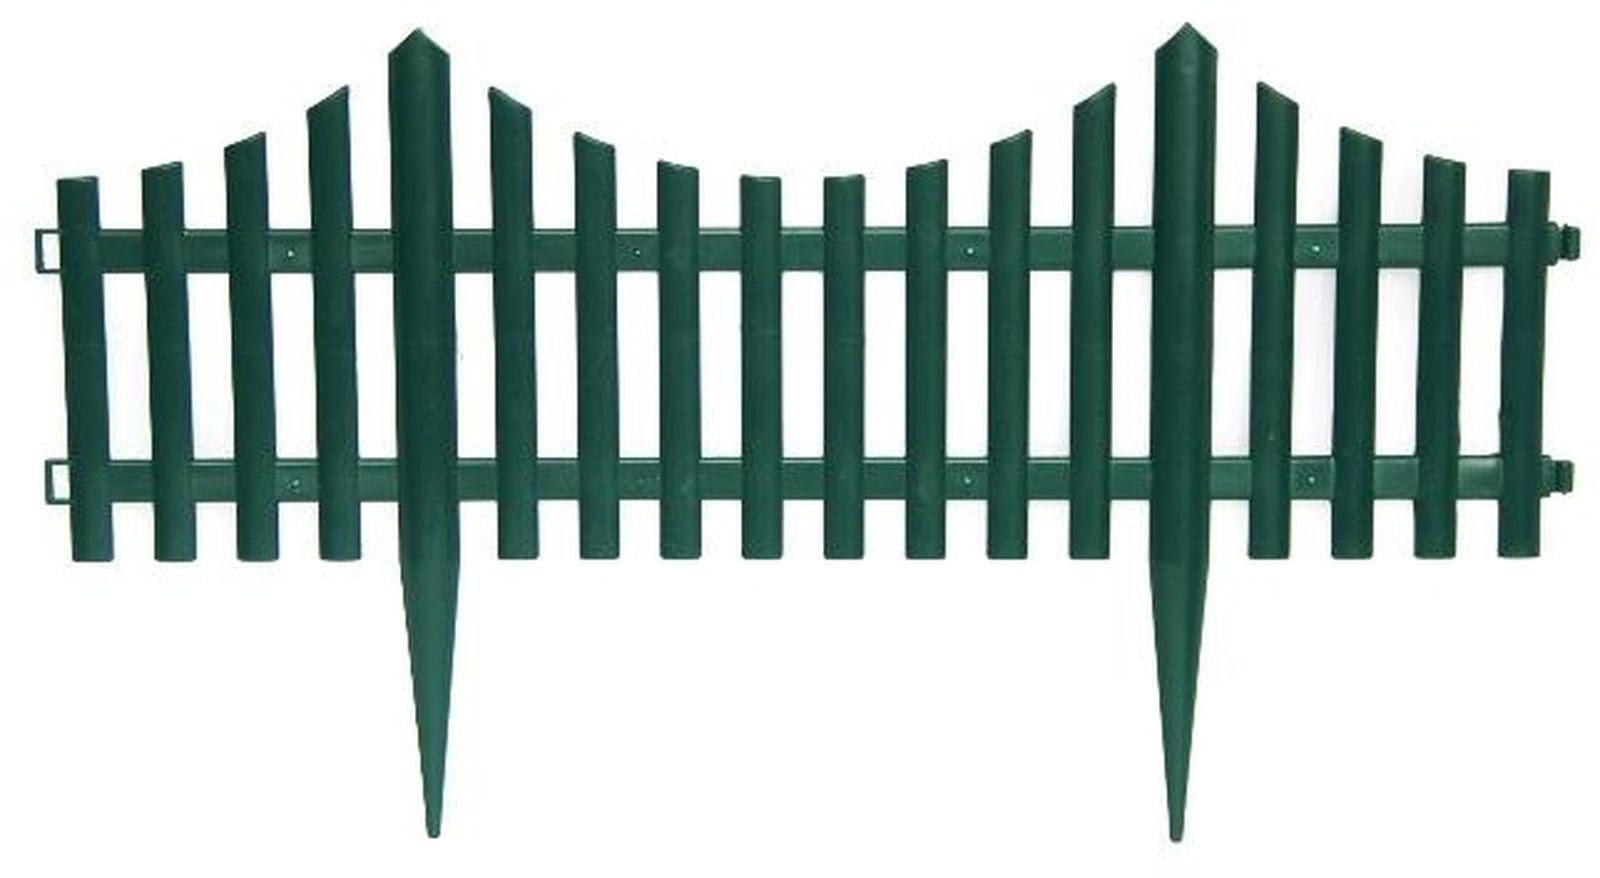 Забор садовый Ромашка, S306, зеленый, 60 х 33 см, 4 шт